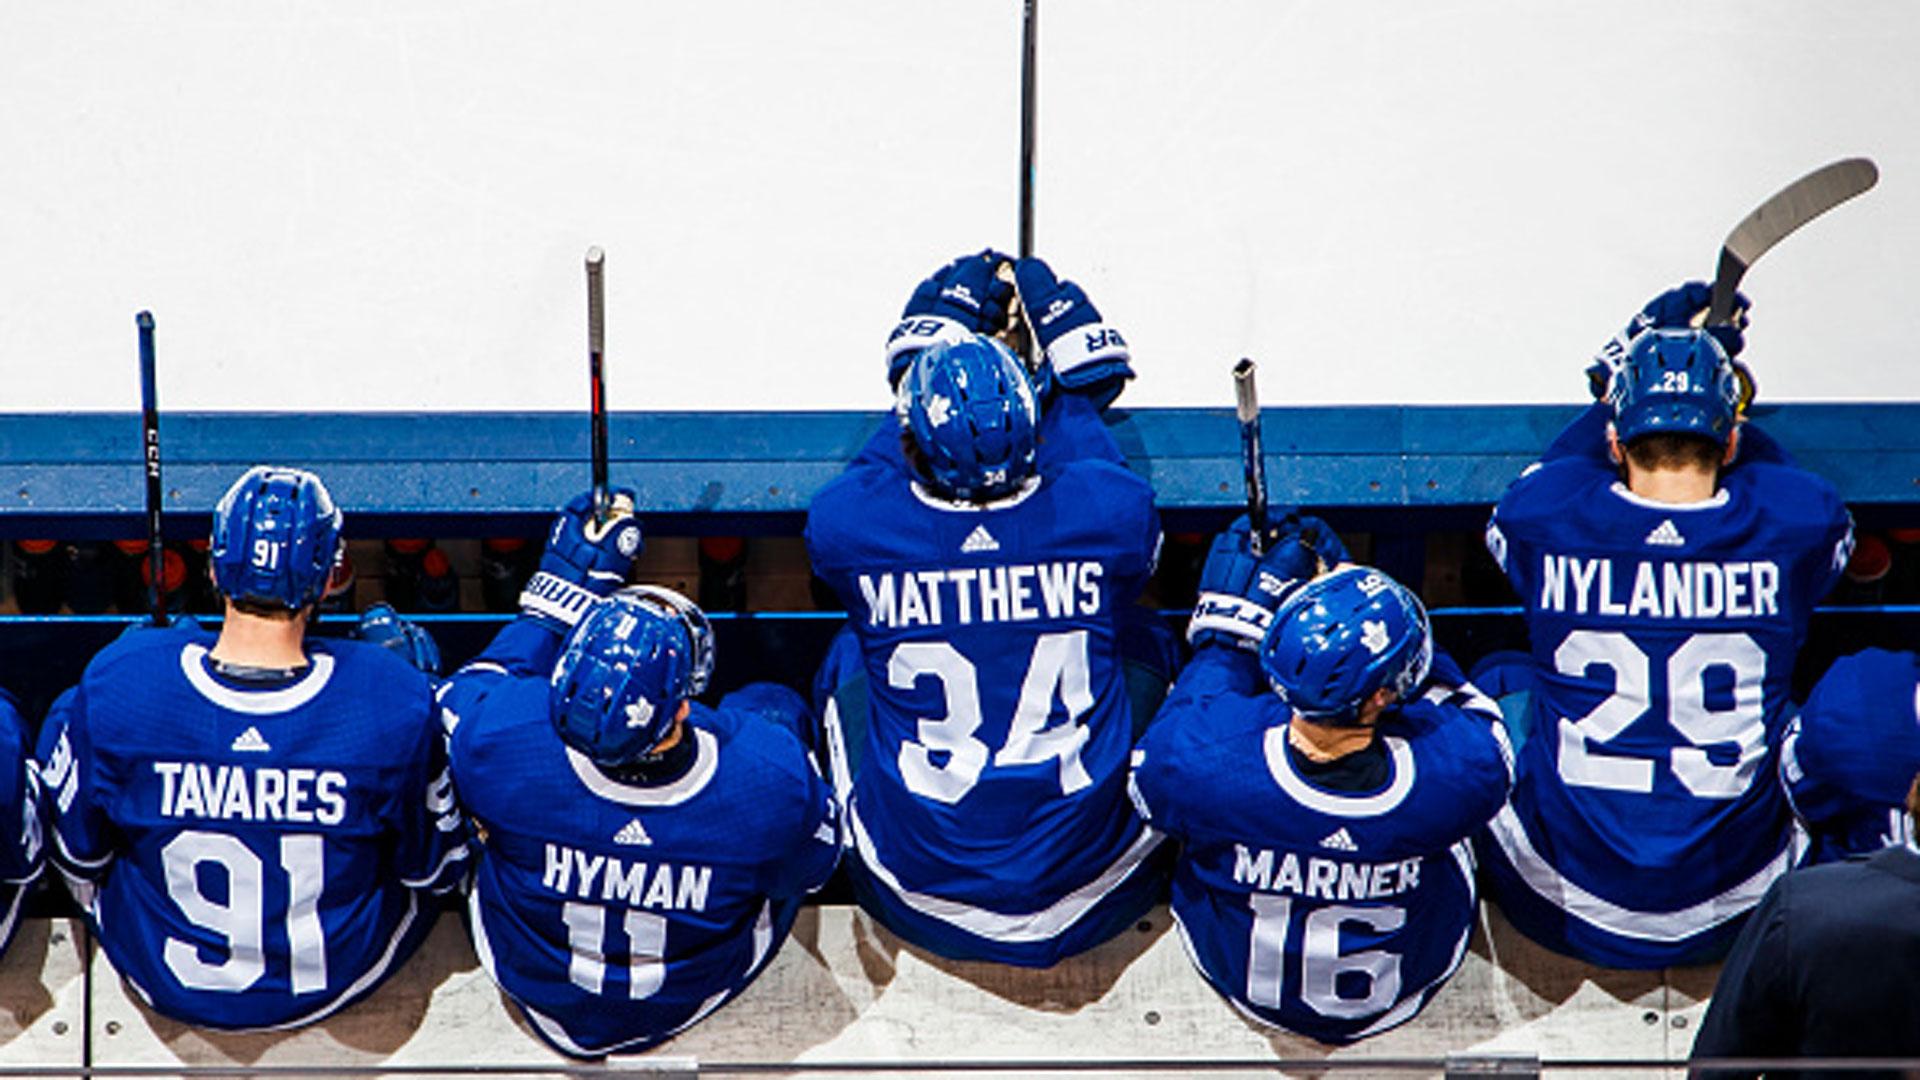 Flipboard: Stanley Cup Playoffs 2019: NHL Bracket, Format